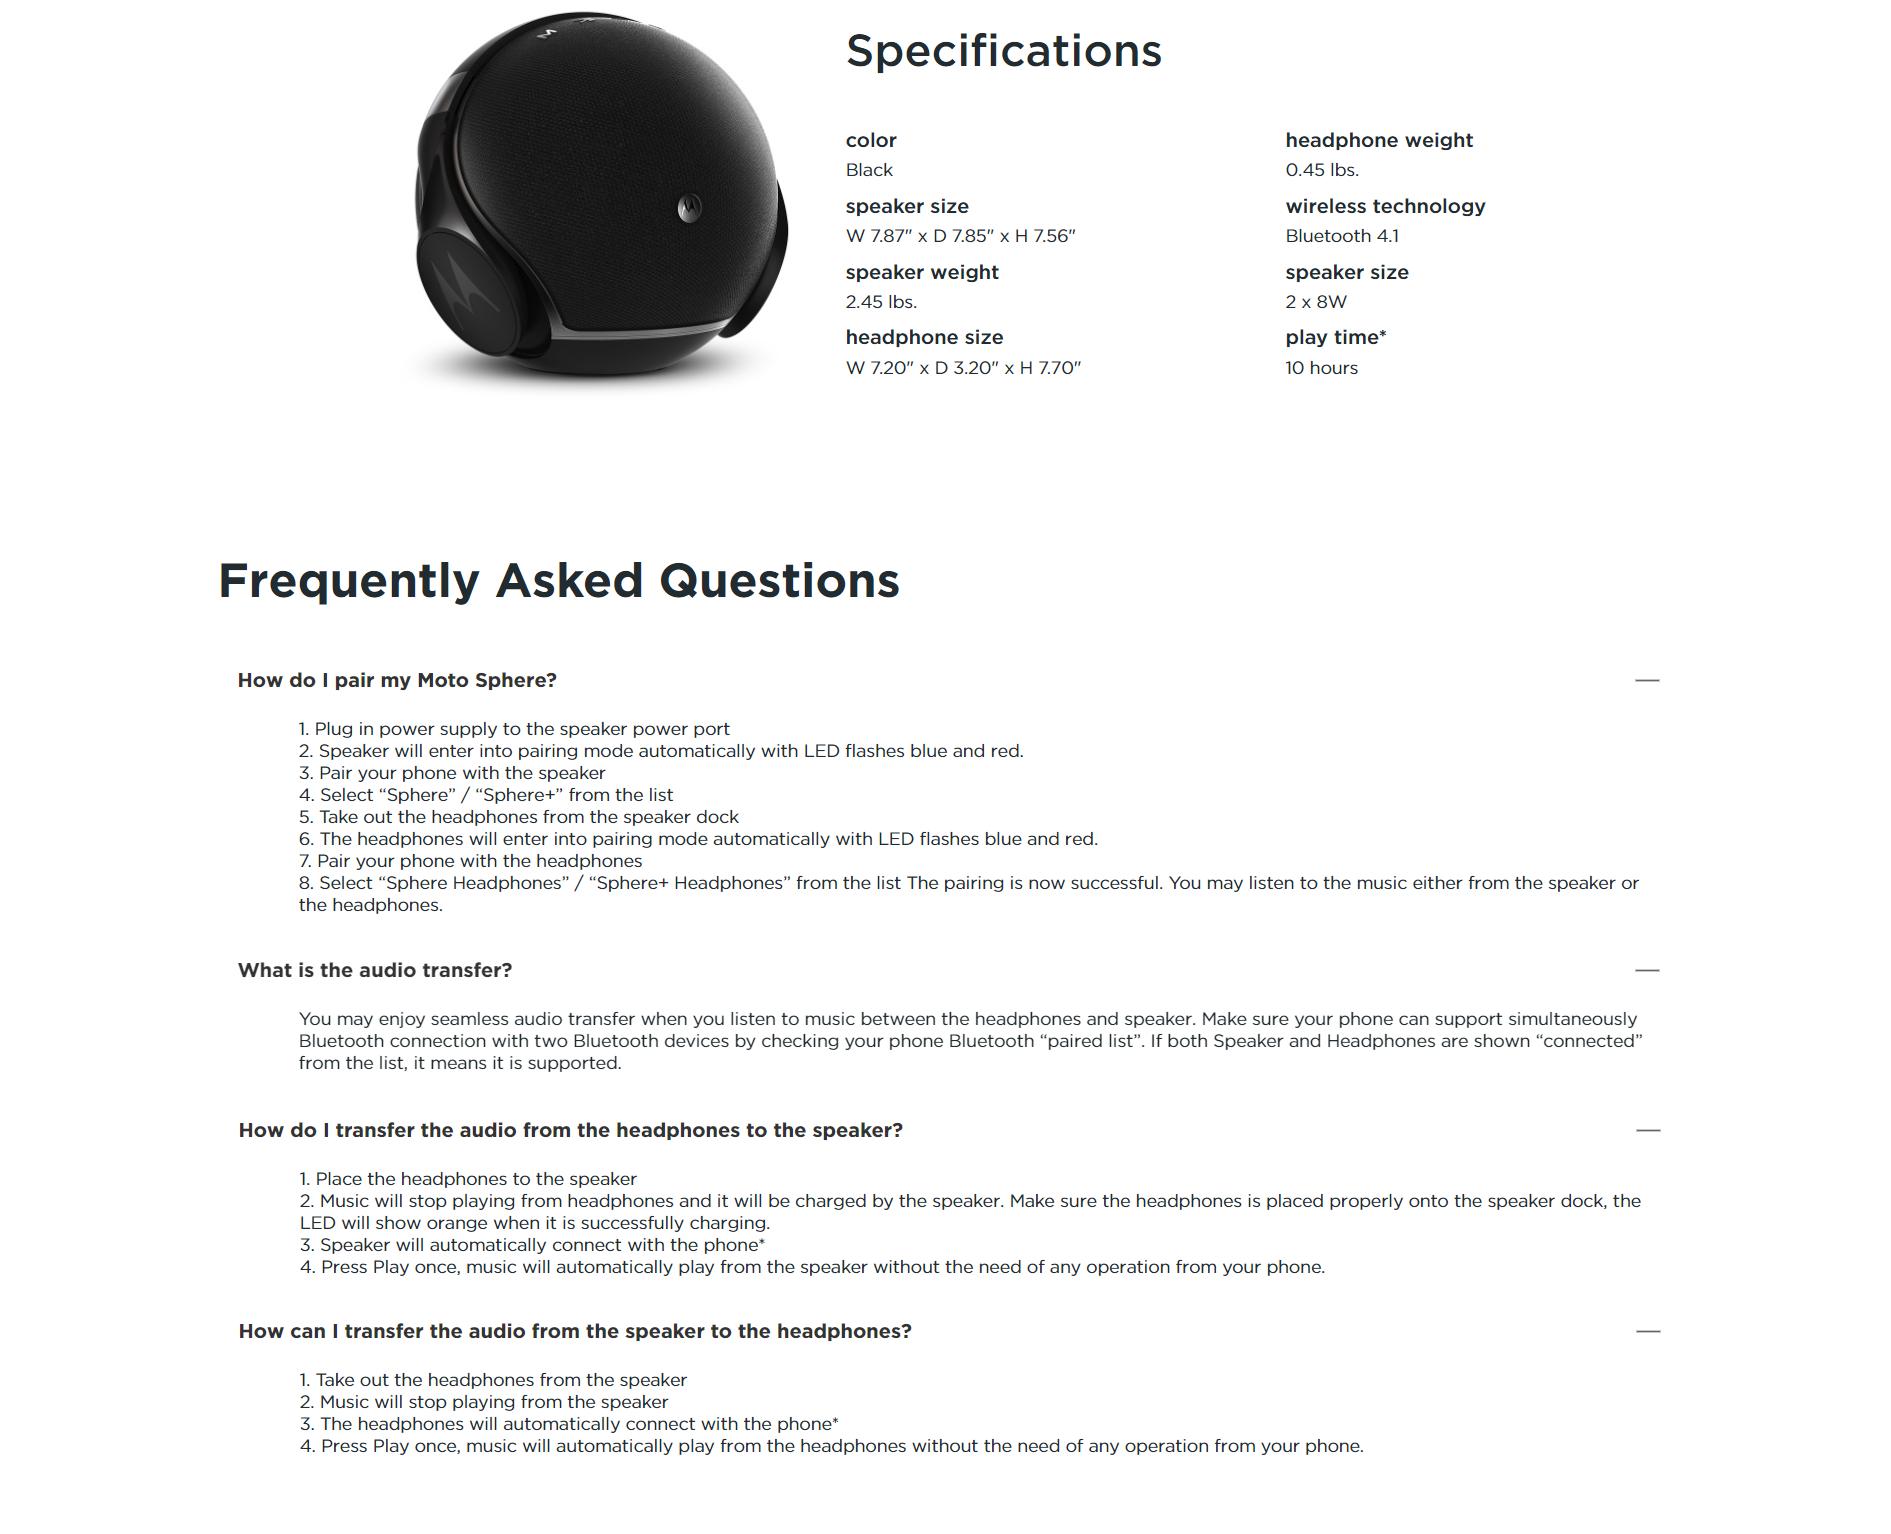 Motorola Sphere 2-in-1 Bluetooth Speaker with Headset